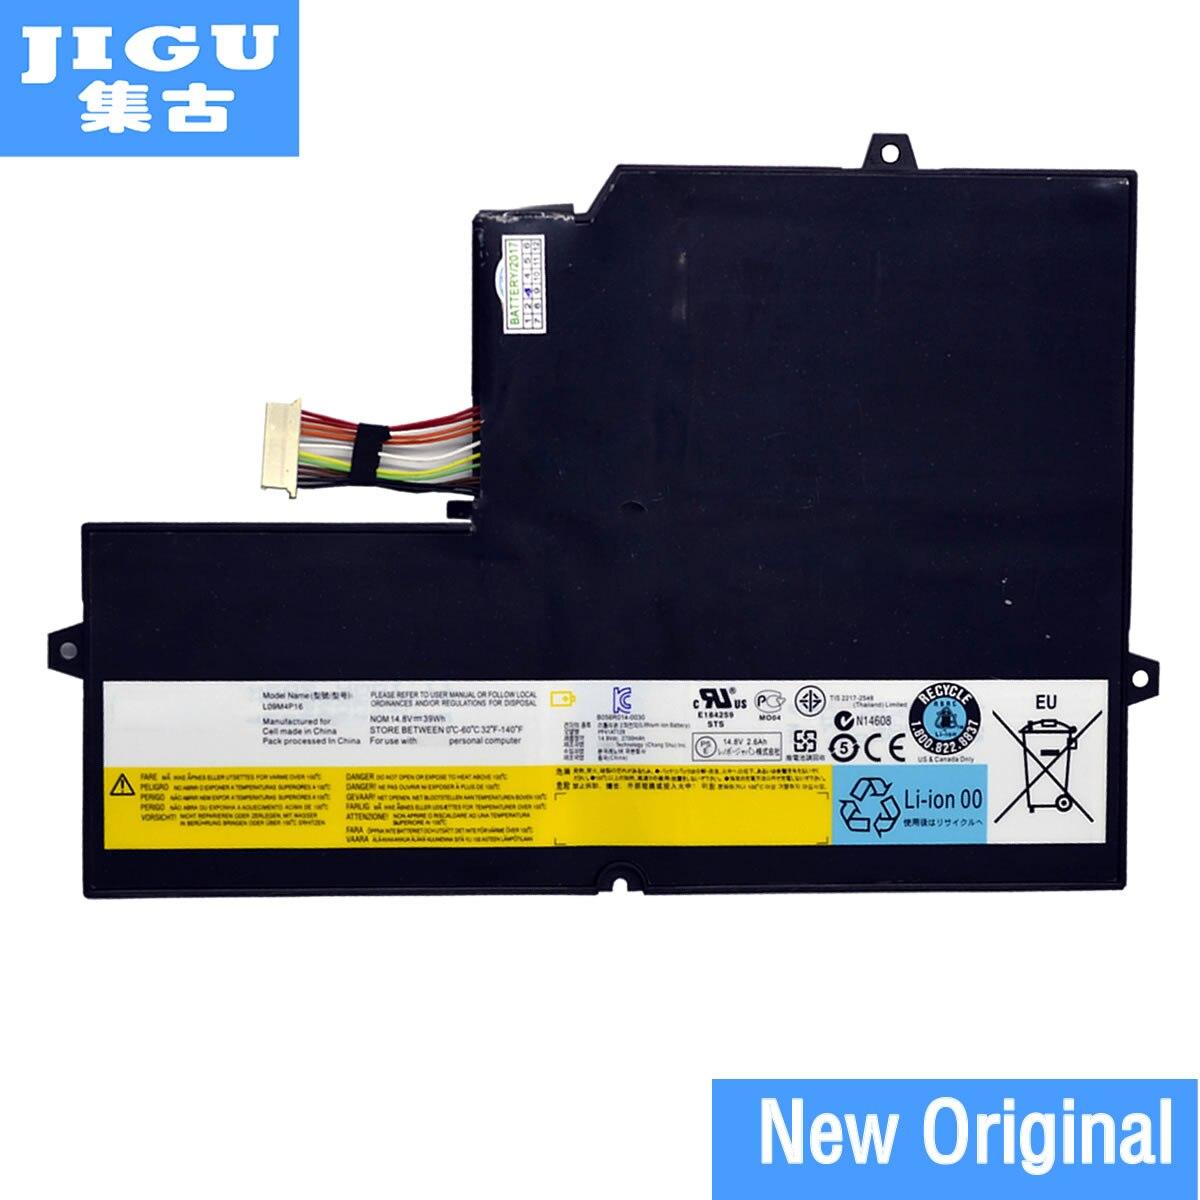 JIGU 57Y6601 L09M4P16 KB3072 Bateria do laptop Original para Lenovo IdeaPad U260 14.8 V 39WH U260 BATERIAS